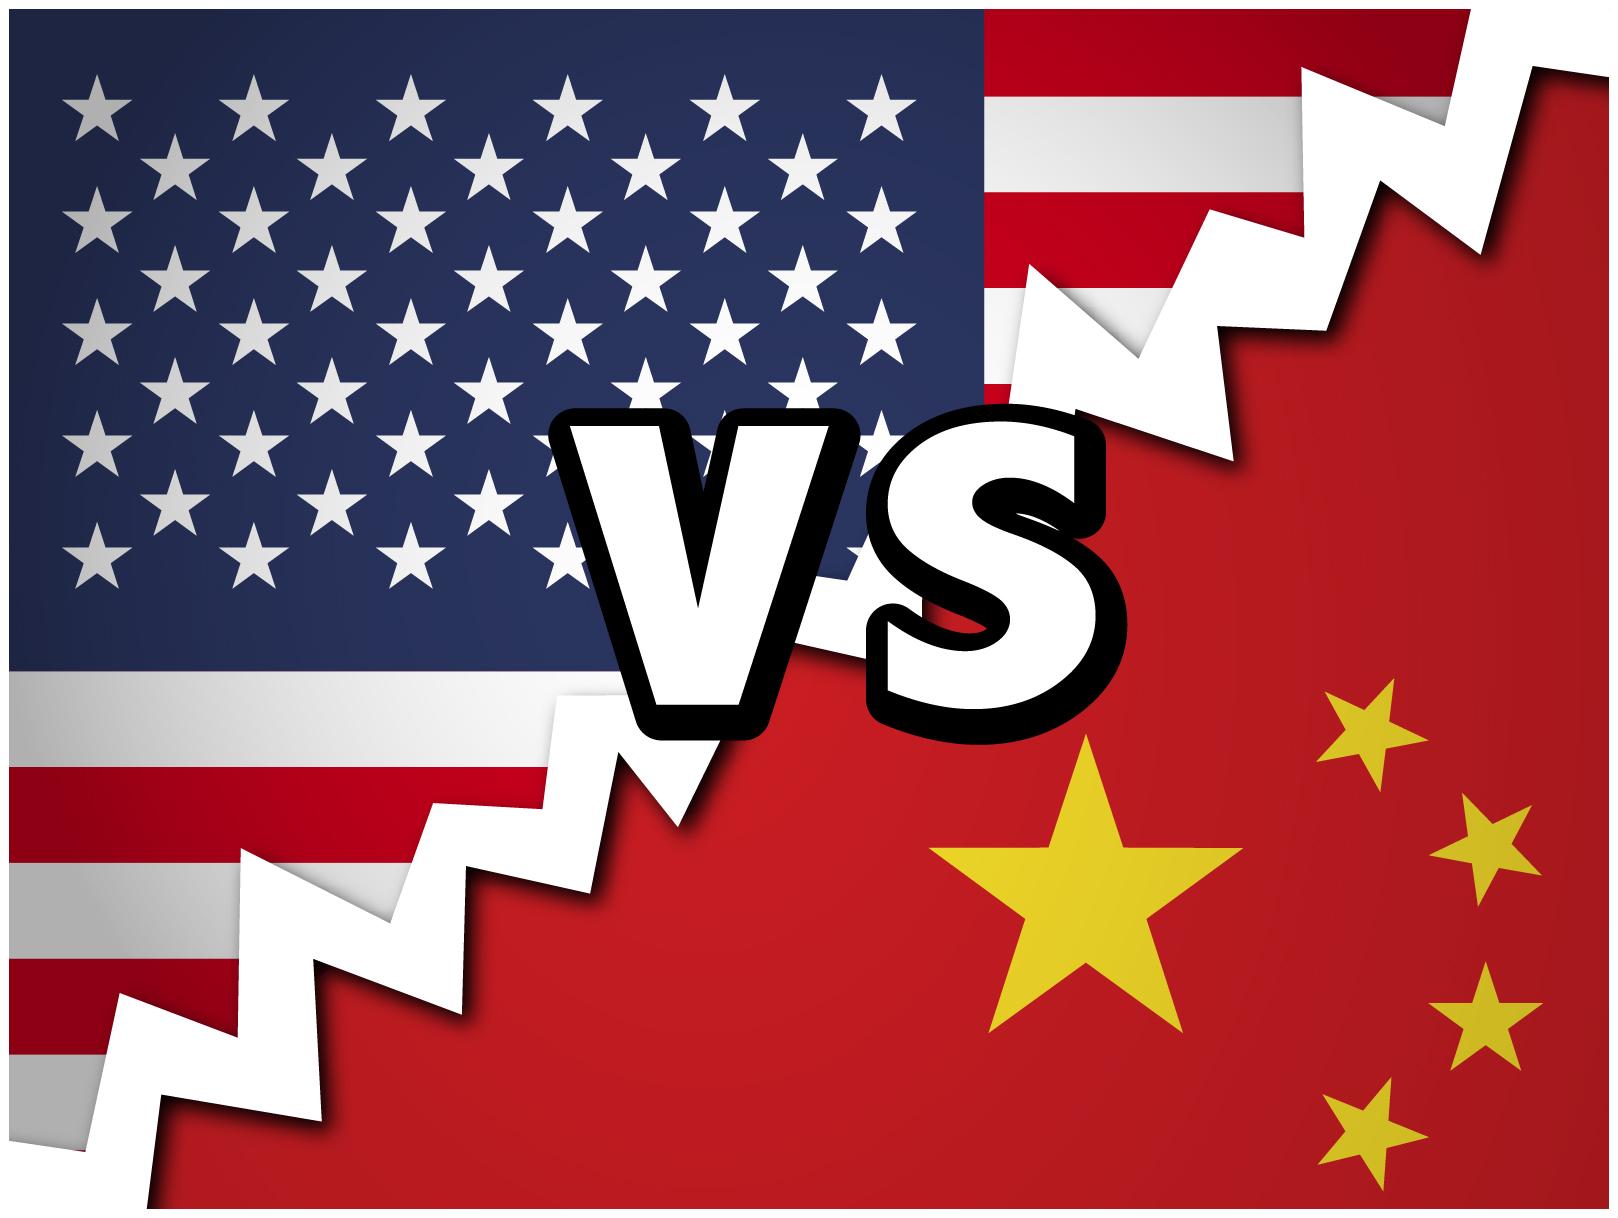 貿易戦争は為替相場にどう影響する?